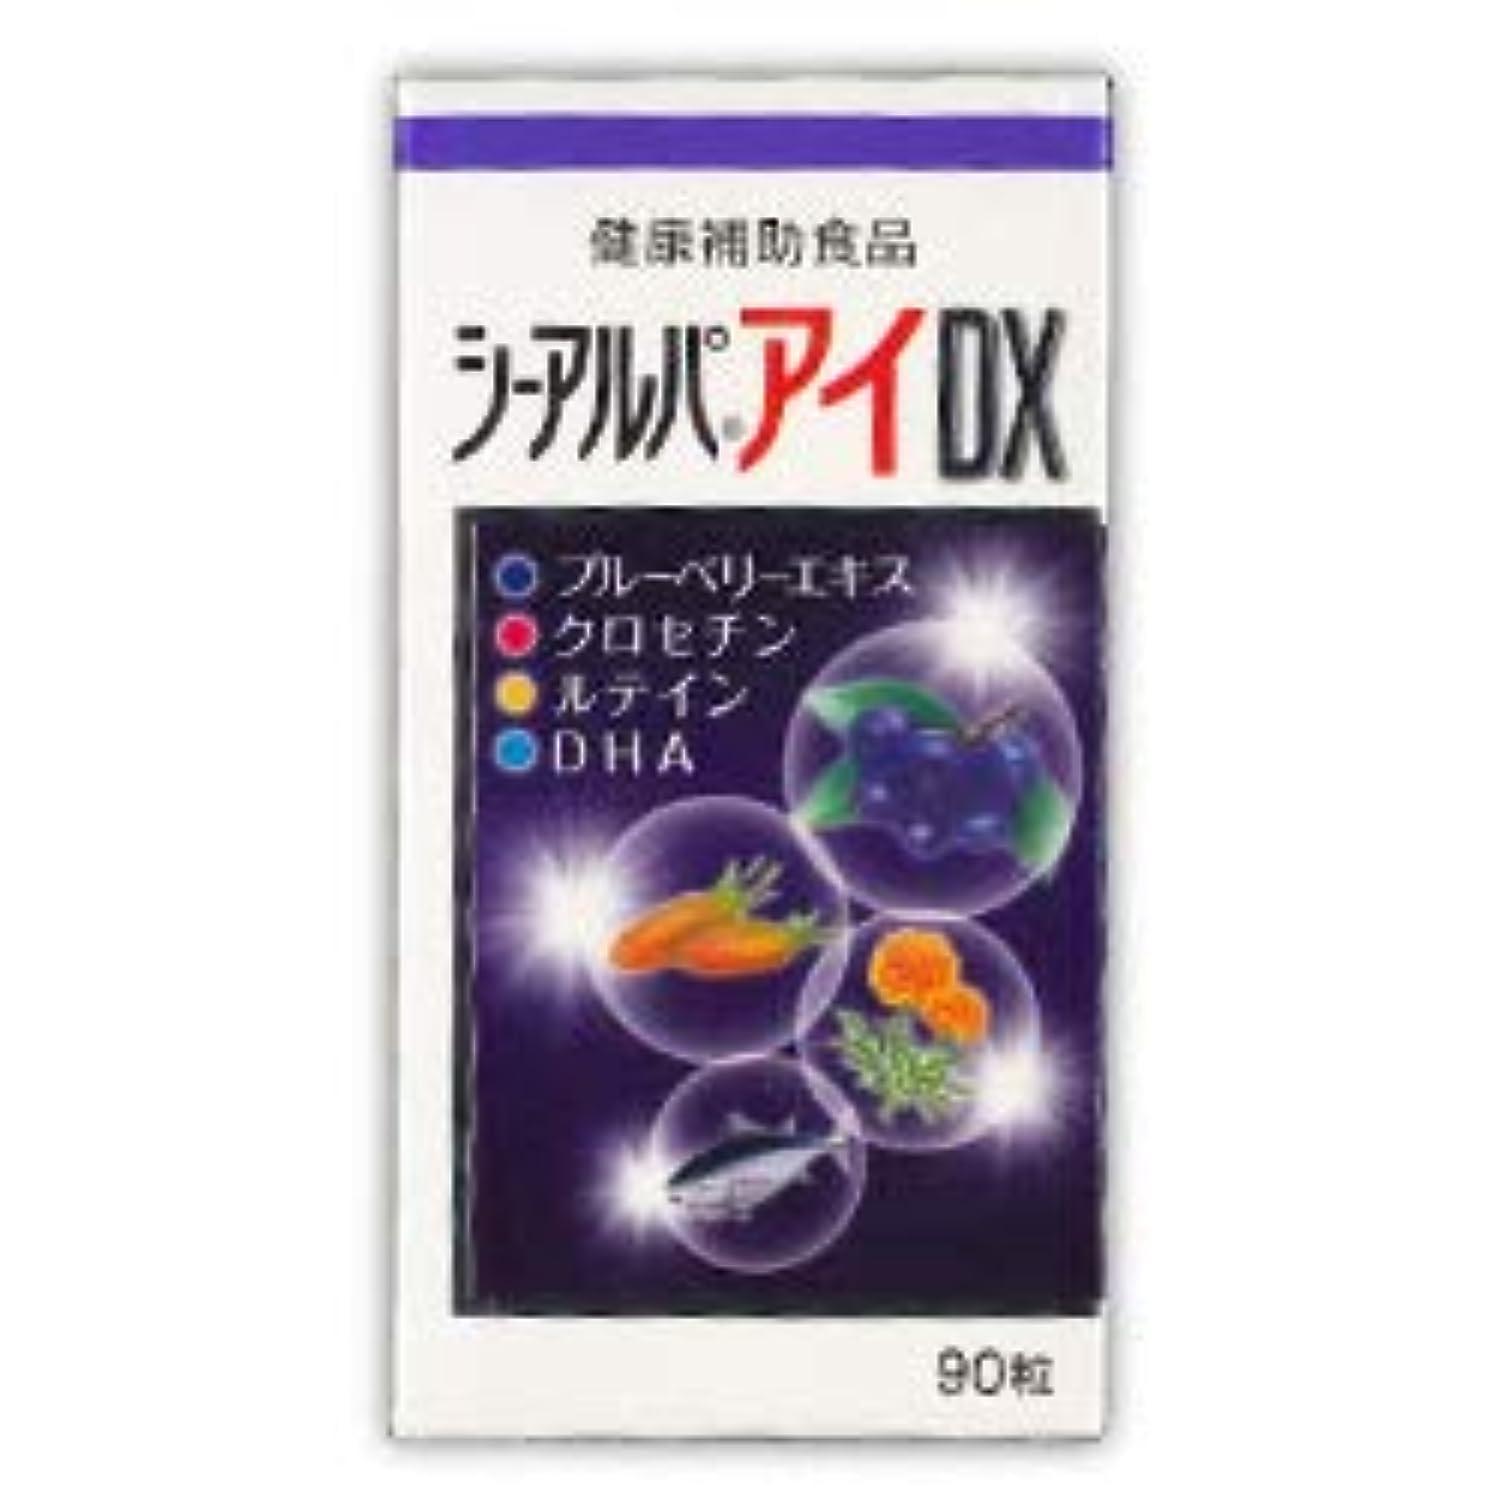 経験者感謝祭舗装する【日水製薬】シーアルパアイDX 90粒